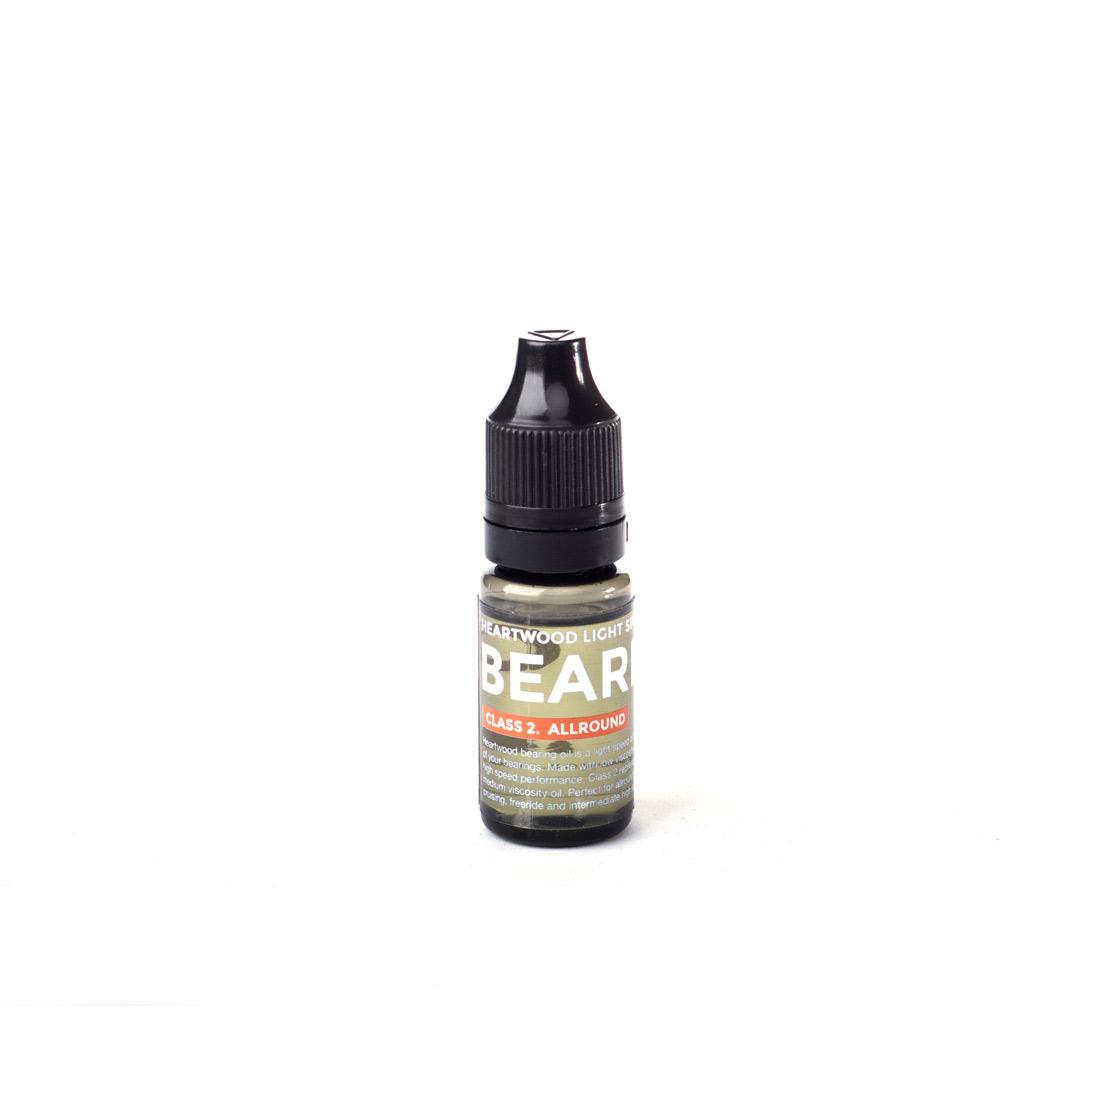 Heartwood Light Speed Bearing Oil